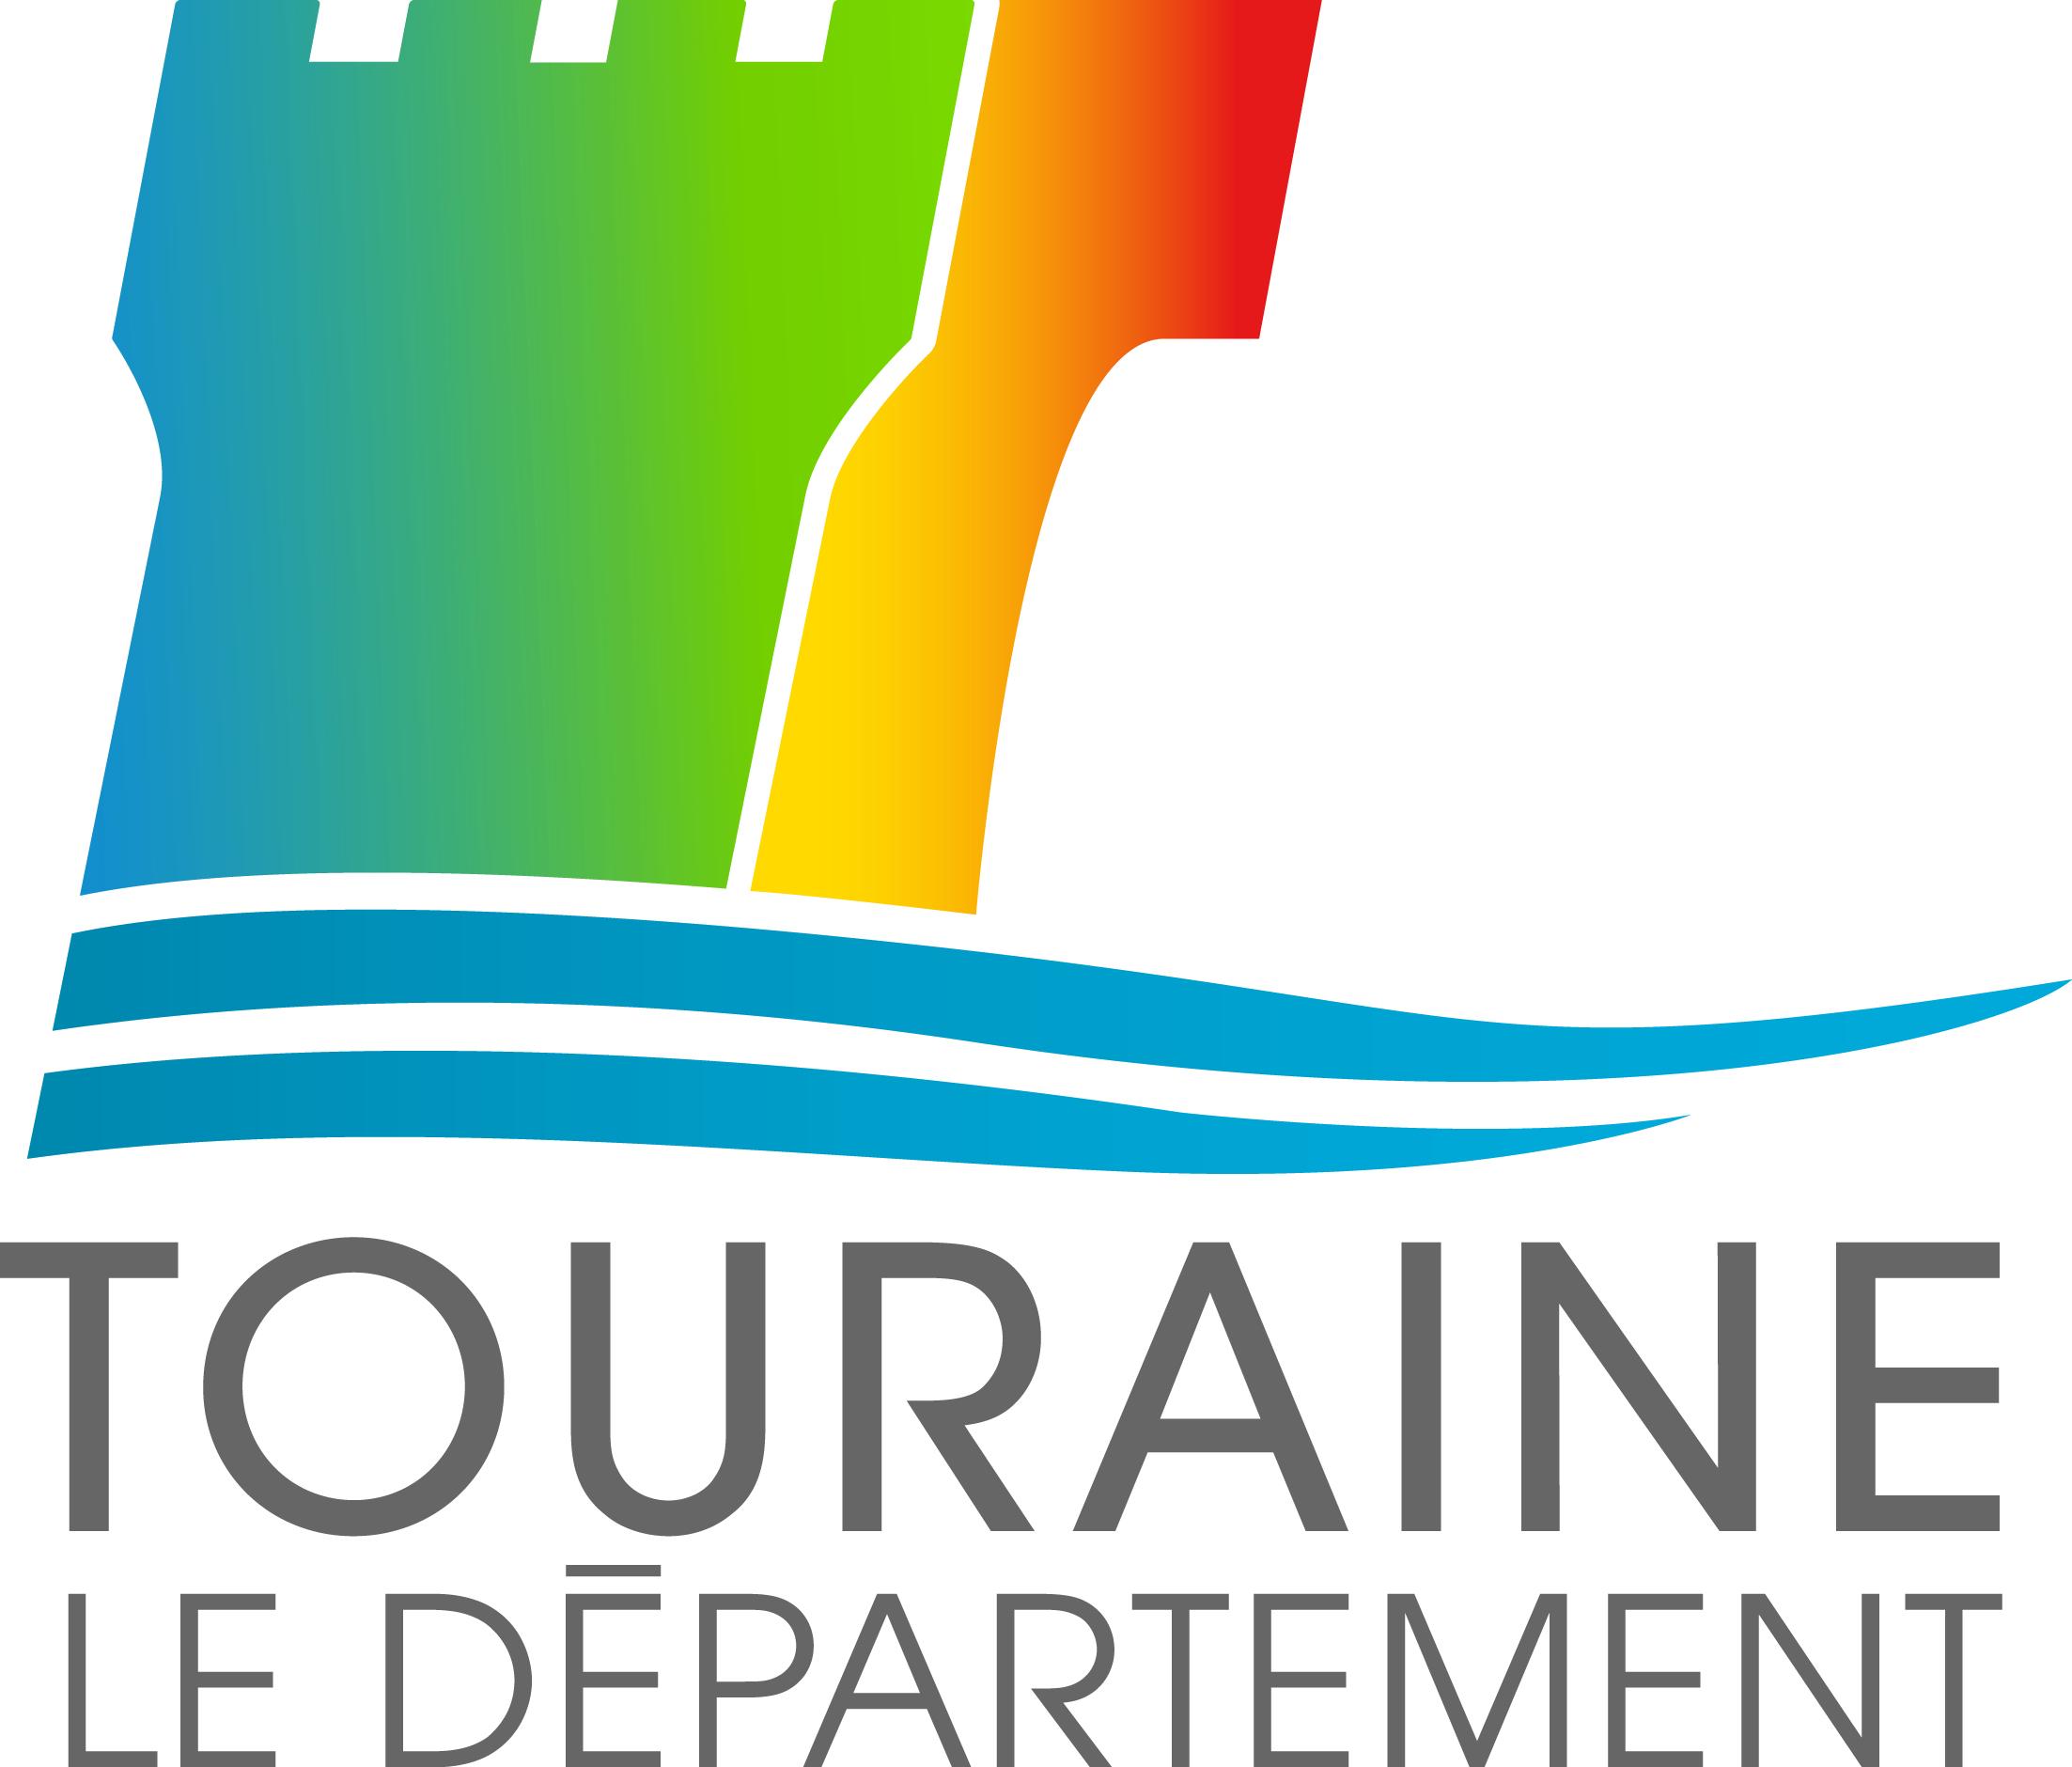 Conseil départemental de Touraine